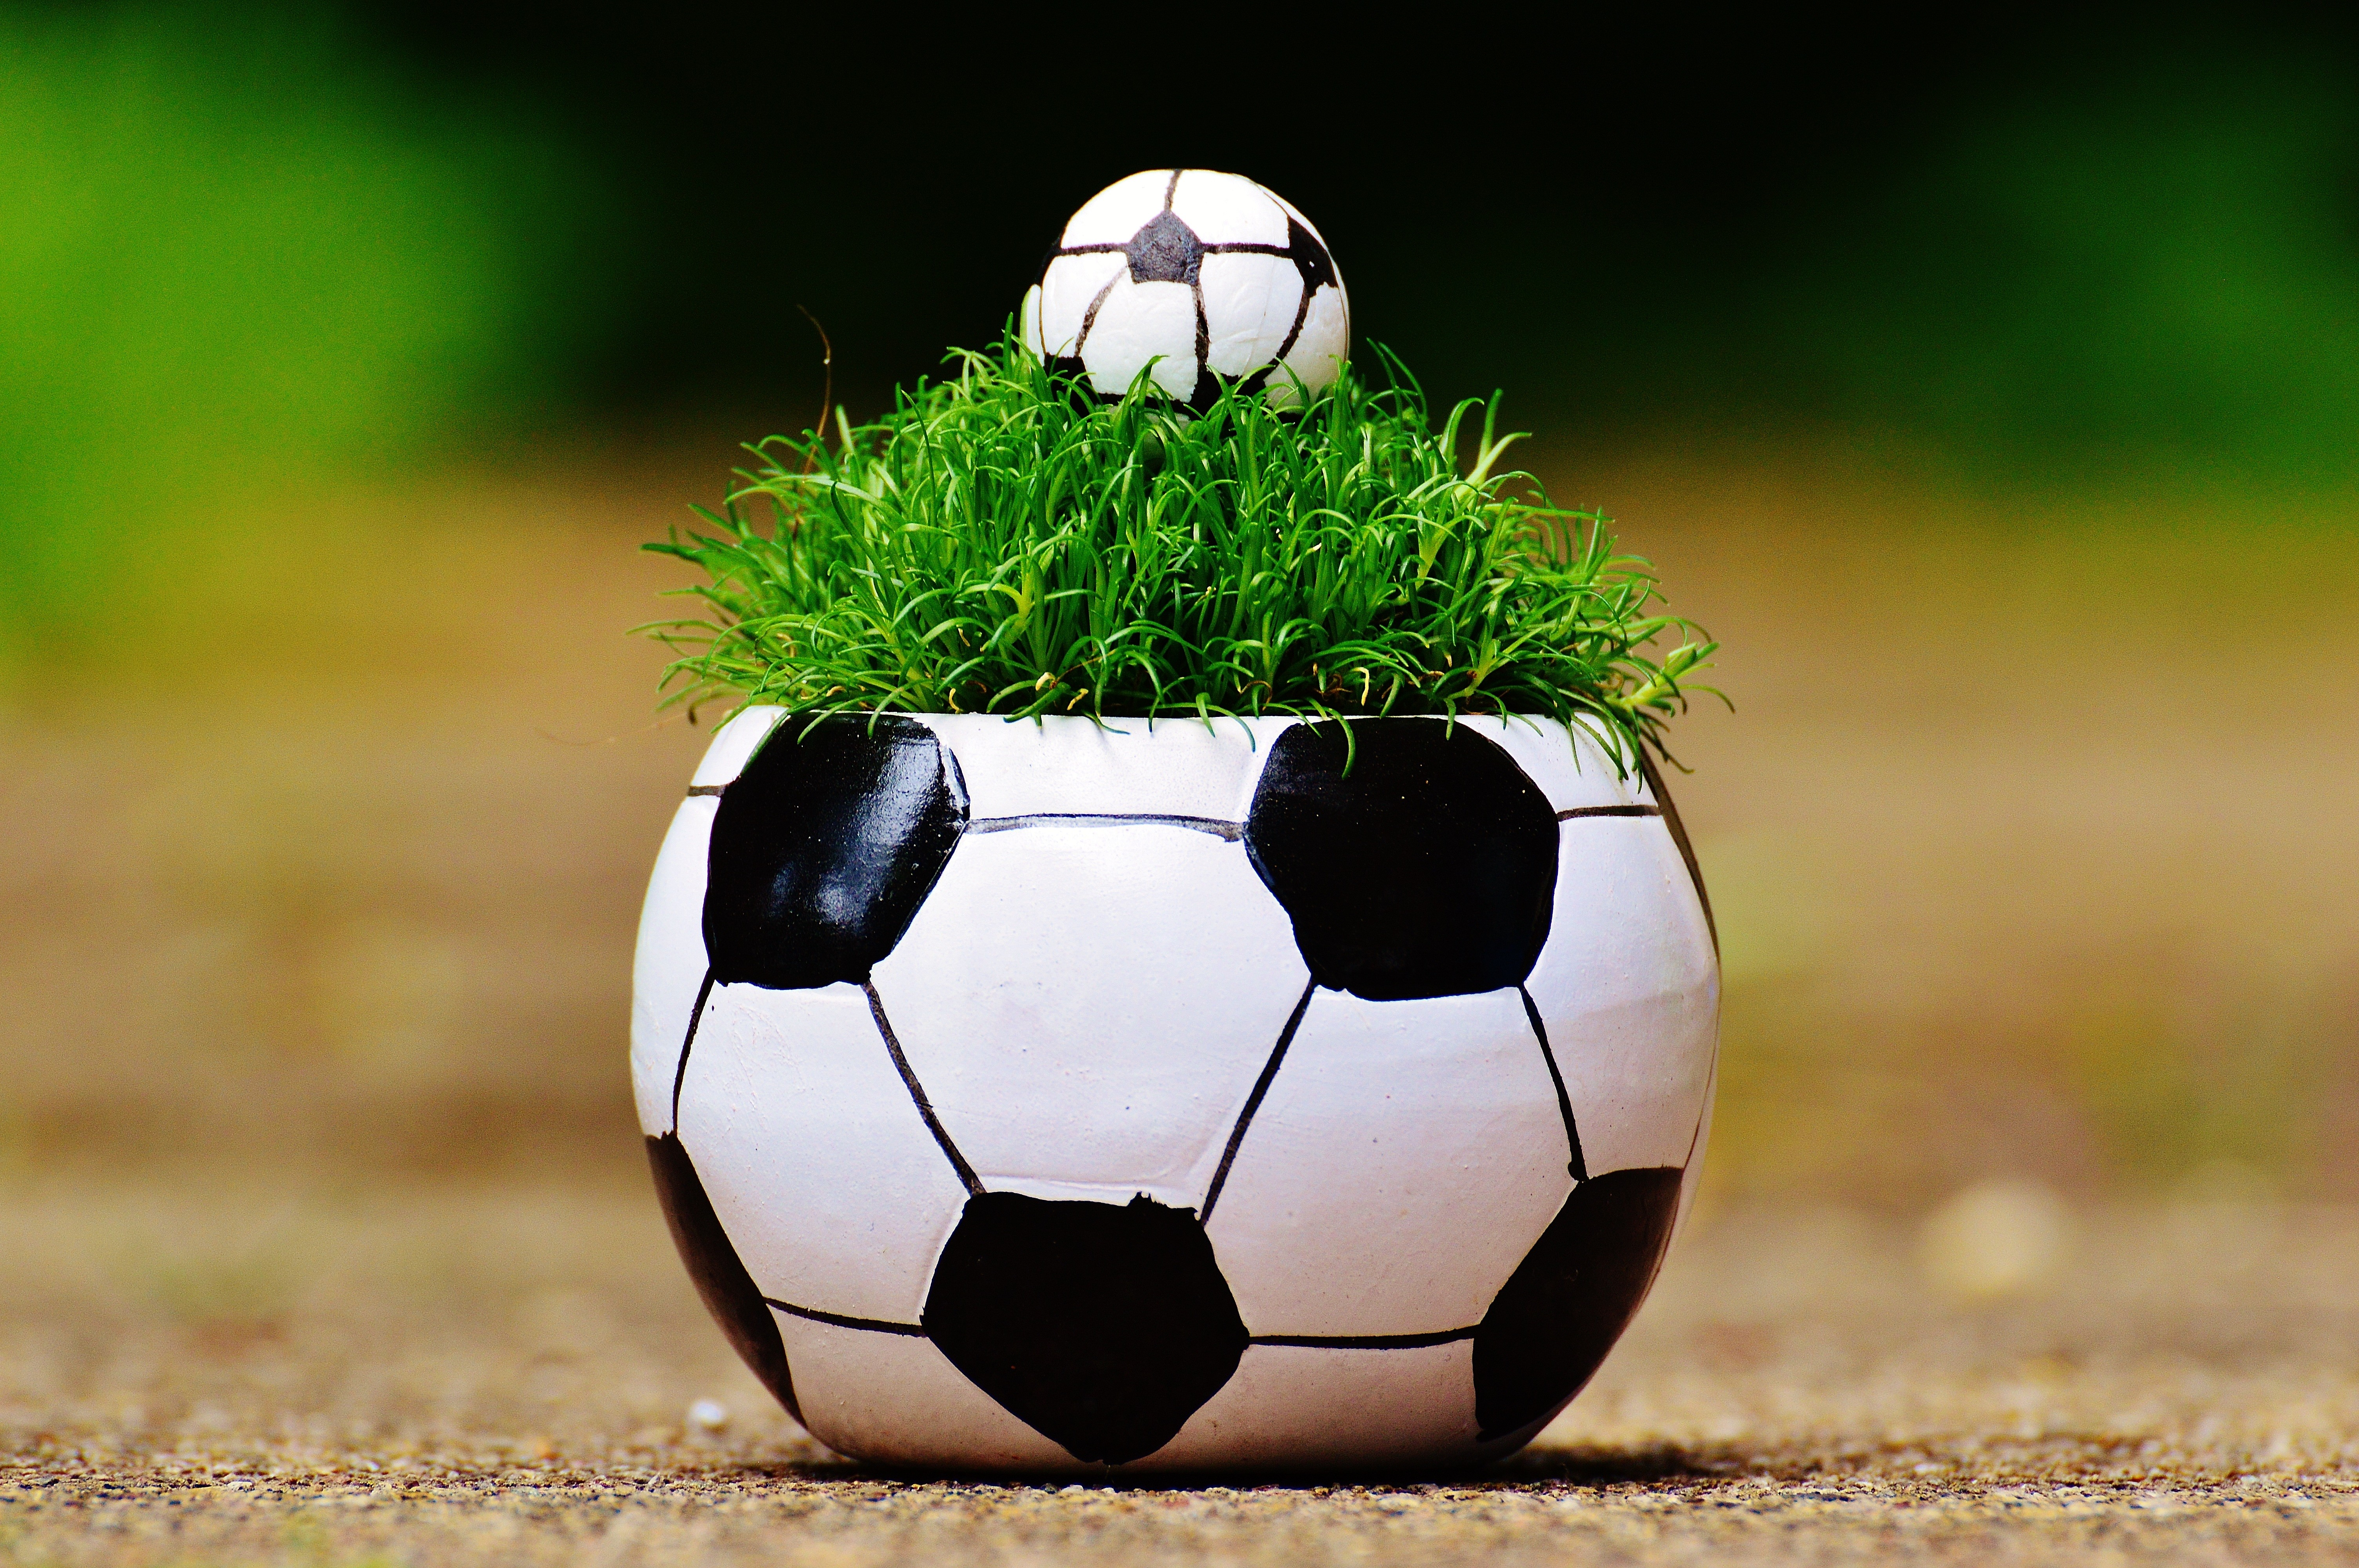 Ideme na futbal! (19.05.2017)